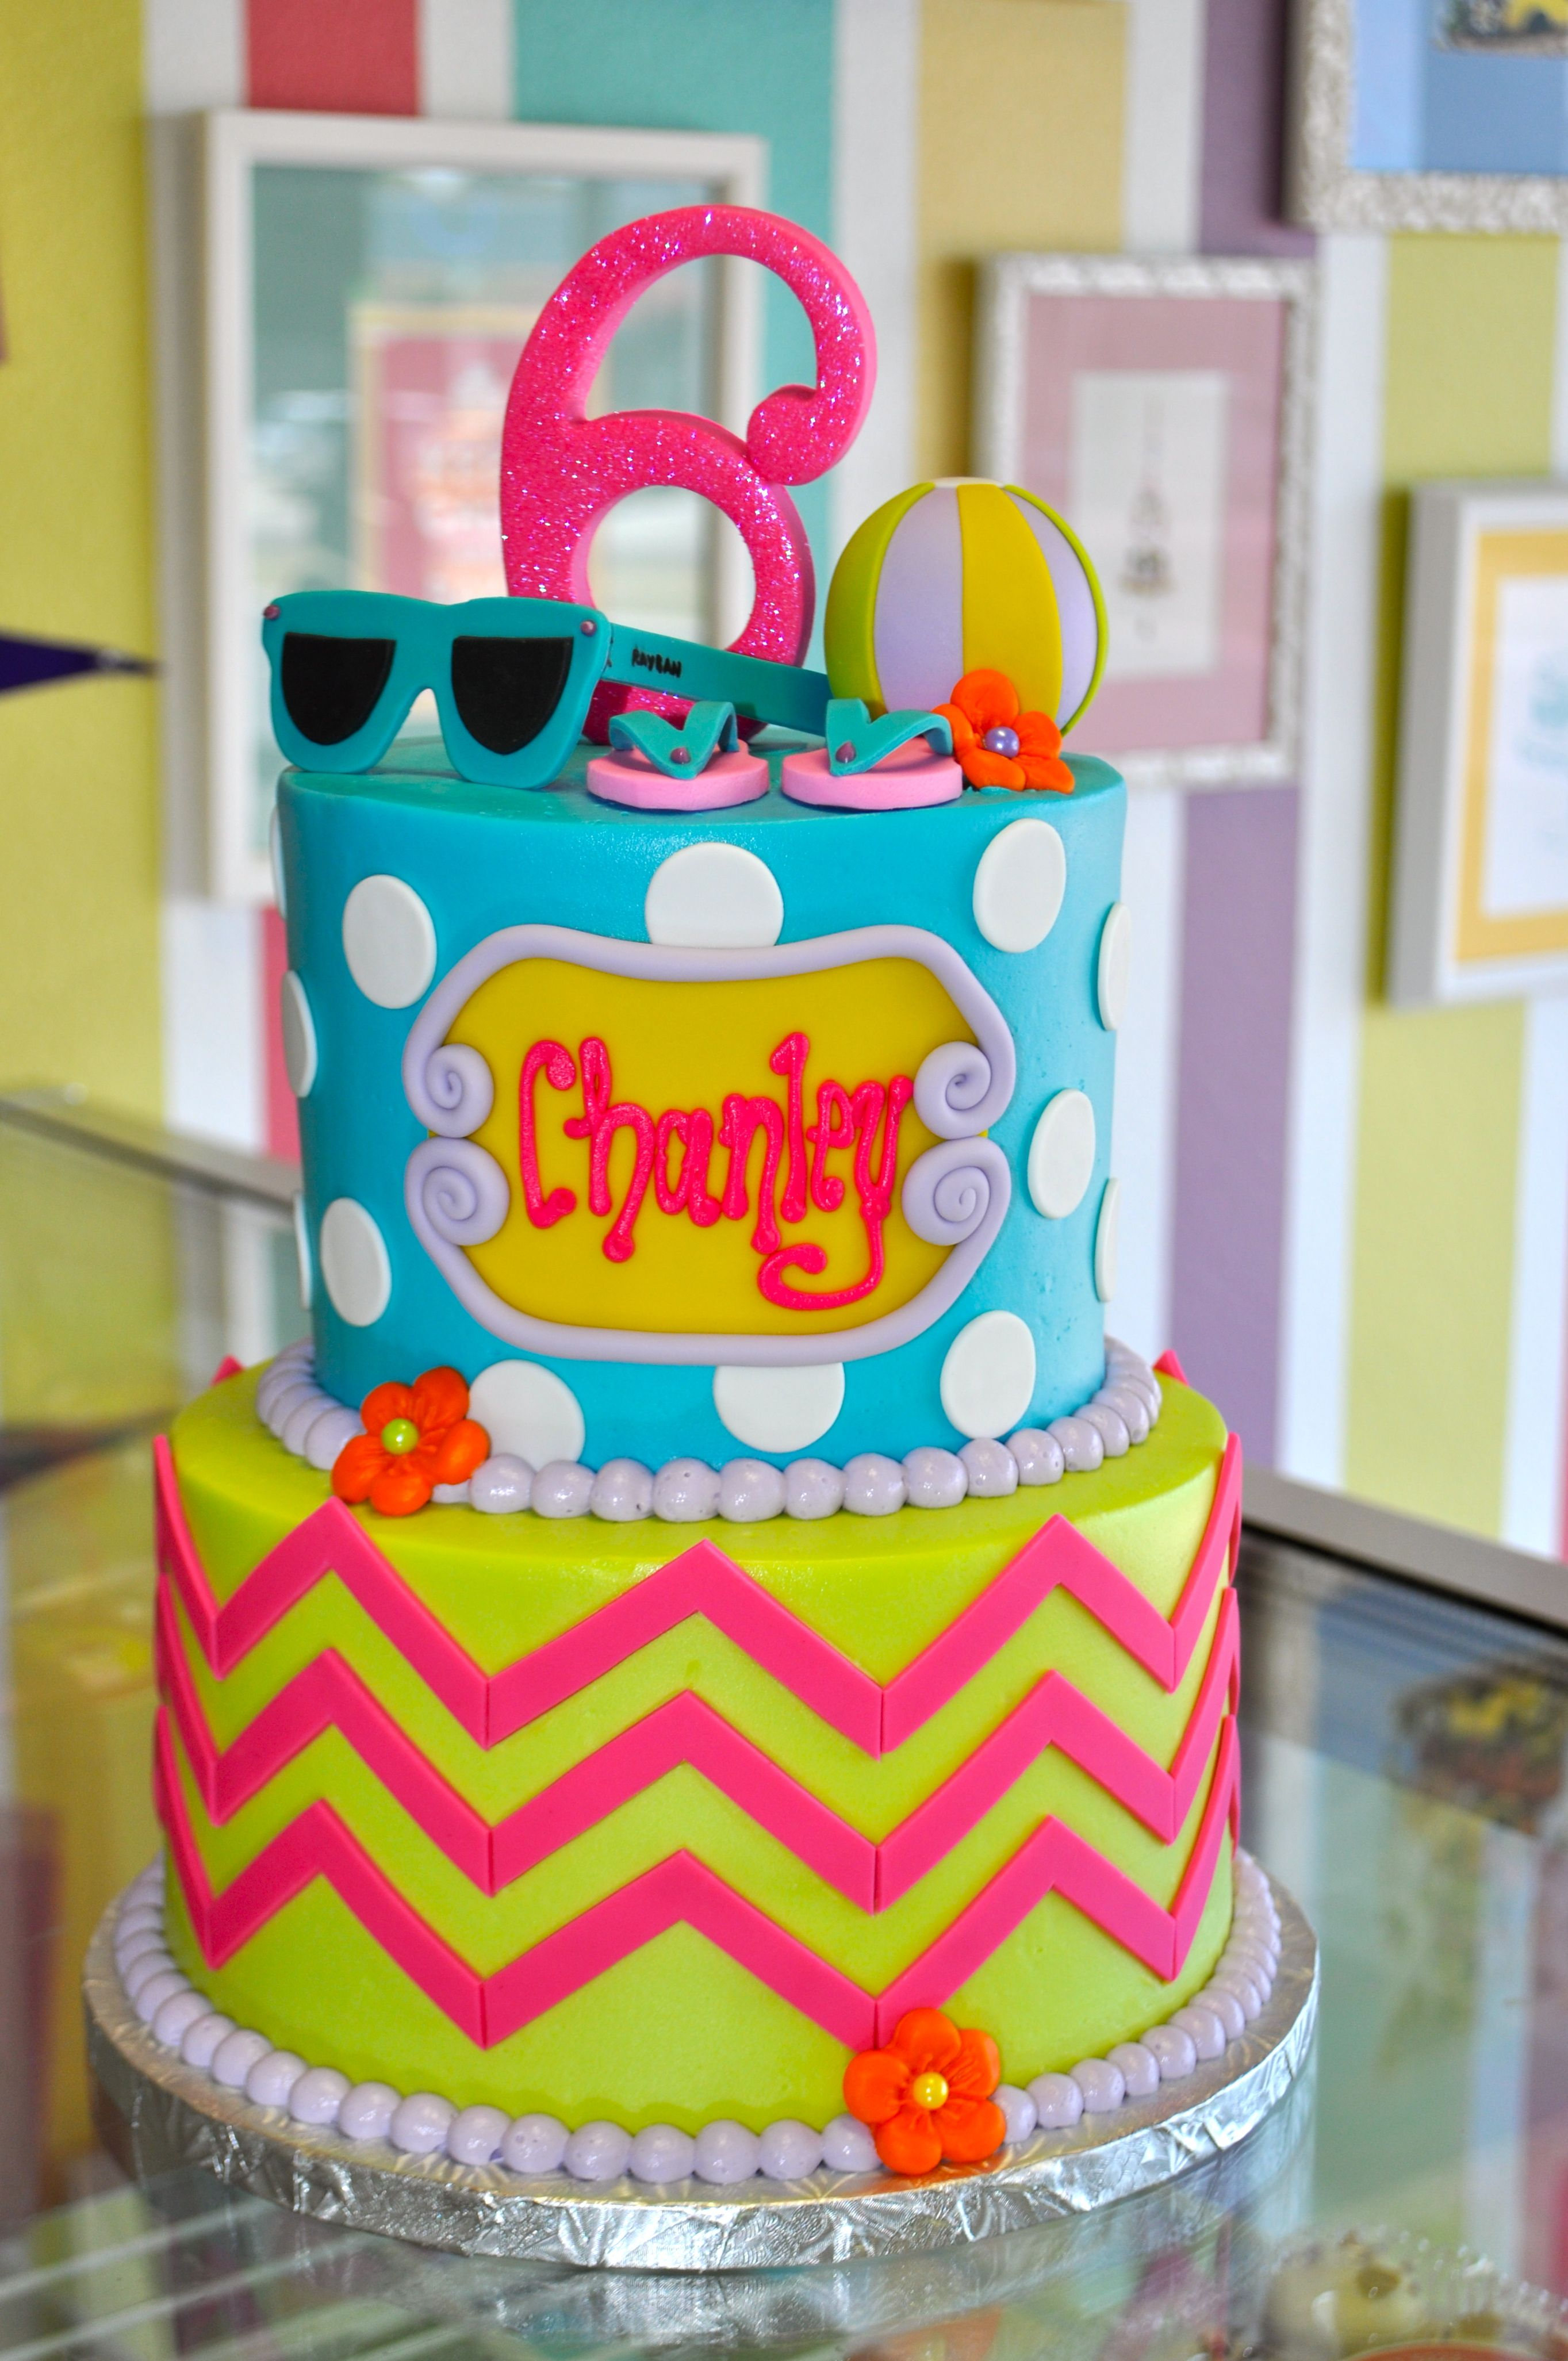 Fantastic Chevron Pool Party Beach Girly Glitter Birthday Cake Personalised Birthday Cards Akebfashionlily Jamesorg